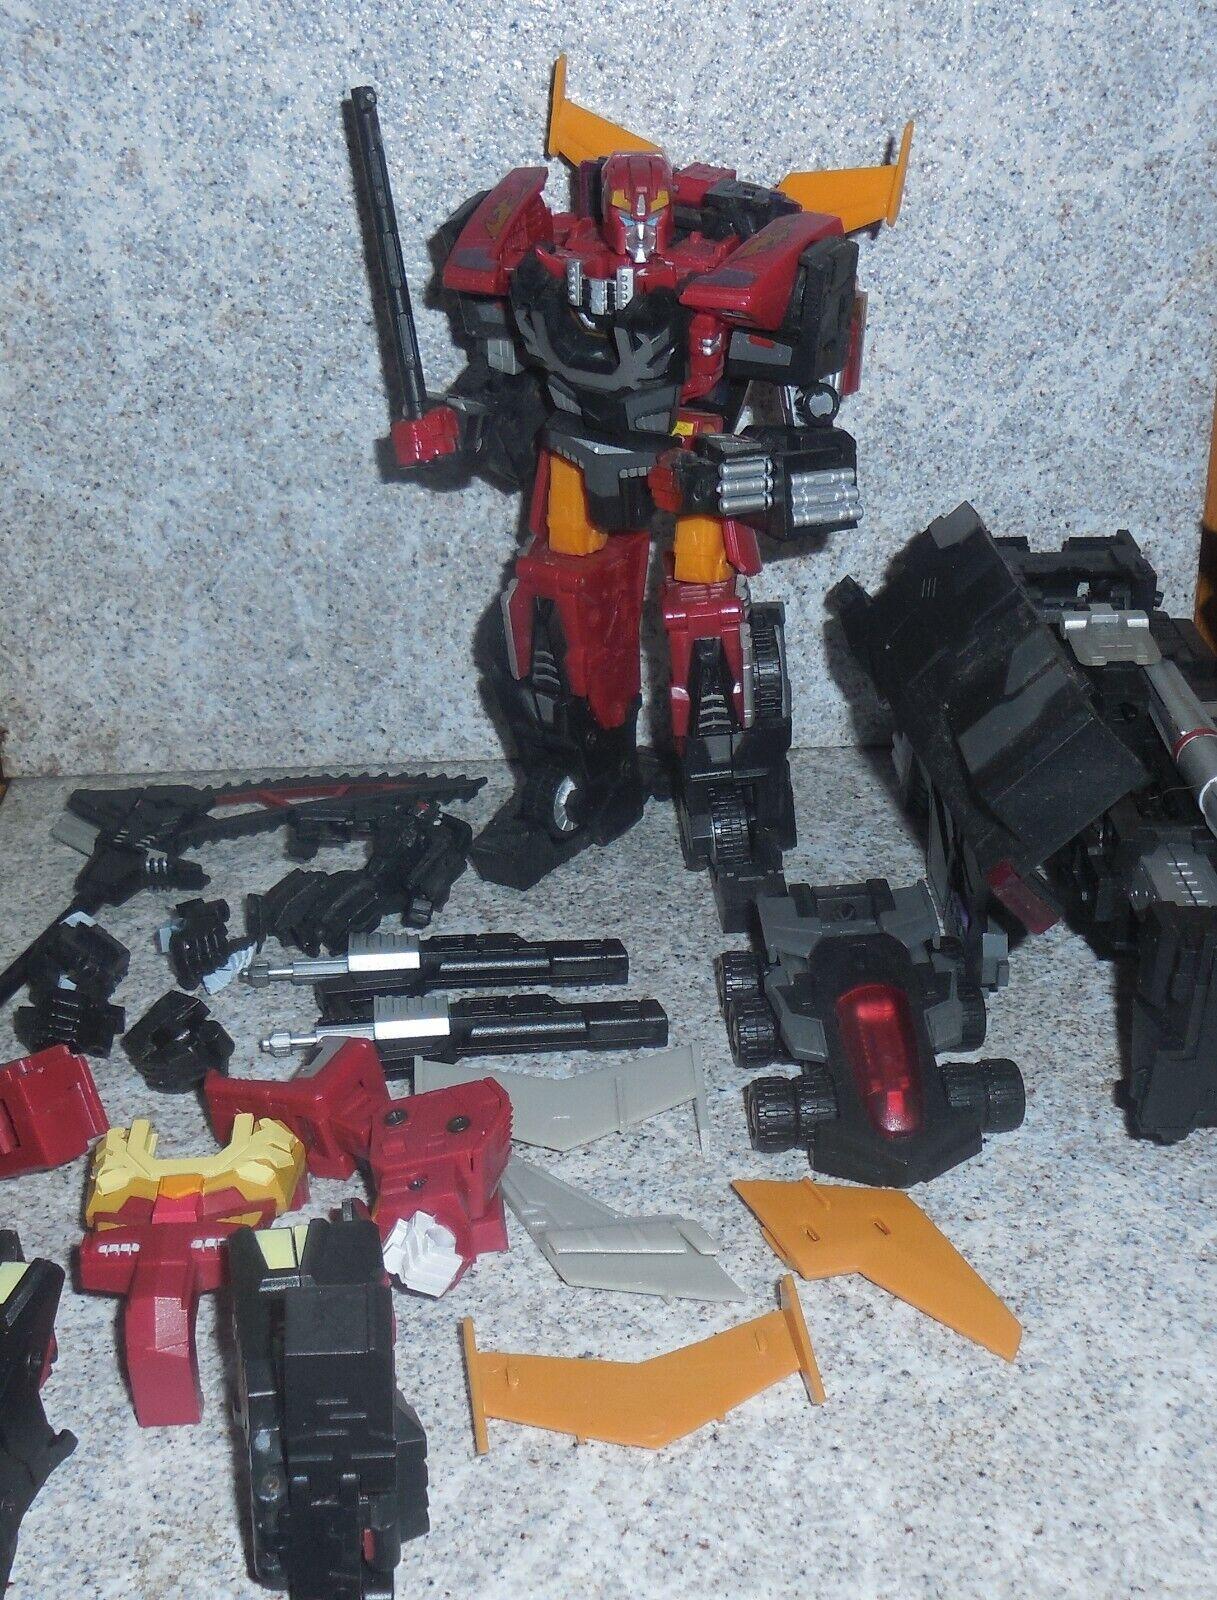 Transformers Classiques Rodimus de Luxe avec Fansproject Ombre  Scyther & Tfx-04  économiser 35% - 70% de réduction